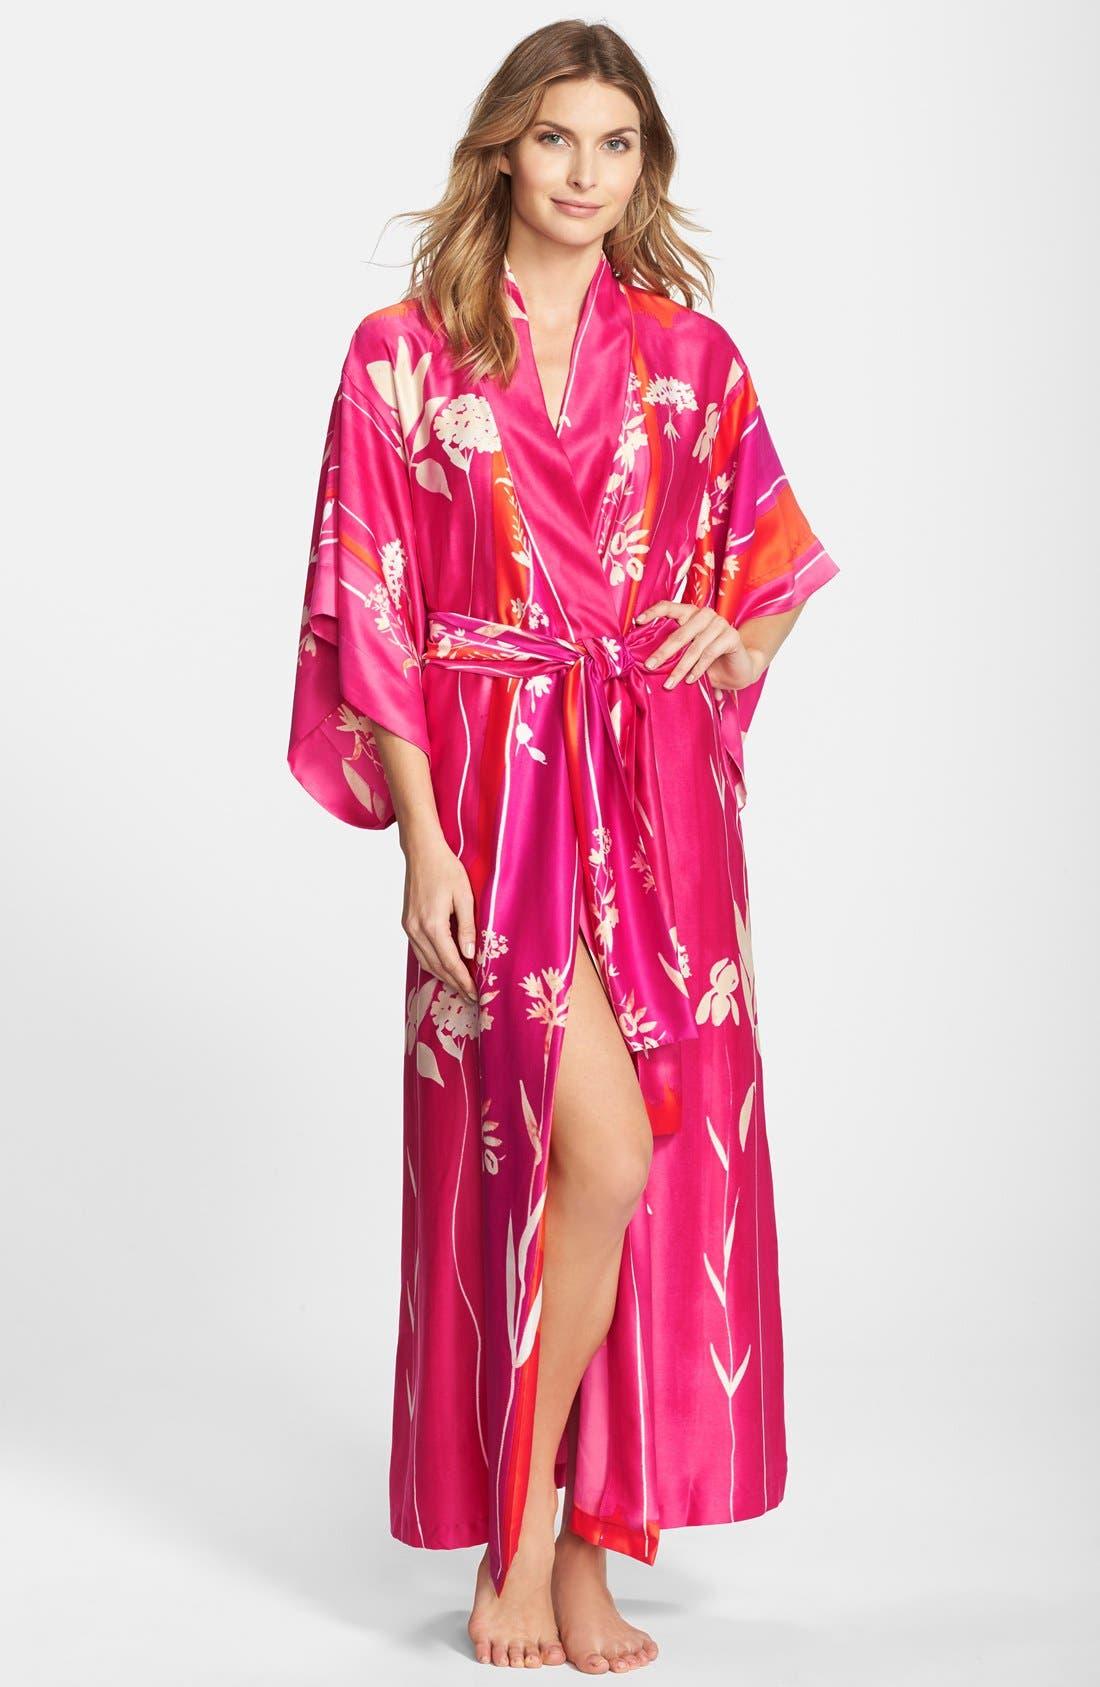 Alternate Image 1 Selected - Natori 'Izabella' Satin Robe